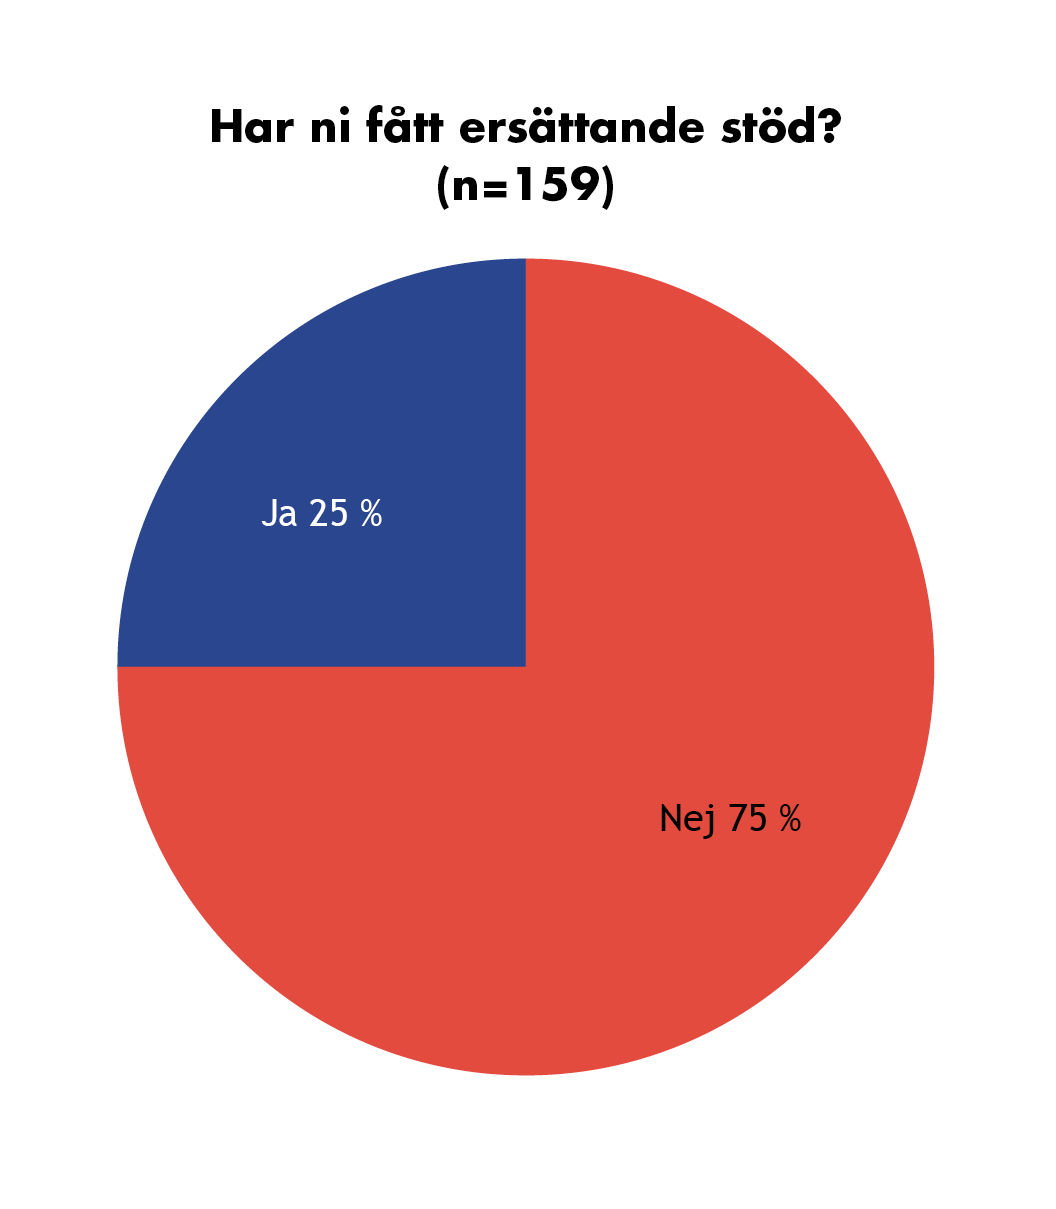 Graf: Har ni fått ersättande stöd? (N=159). Ja svarade 25 %, 75 % svarade nej.